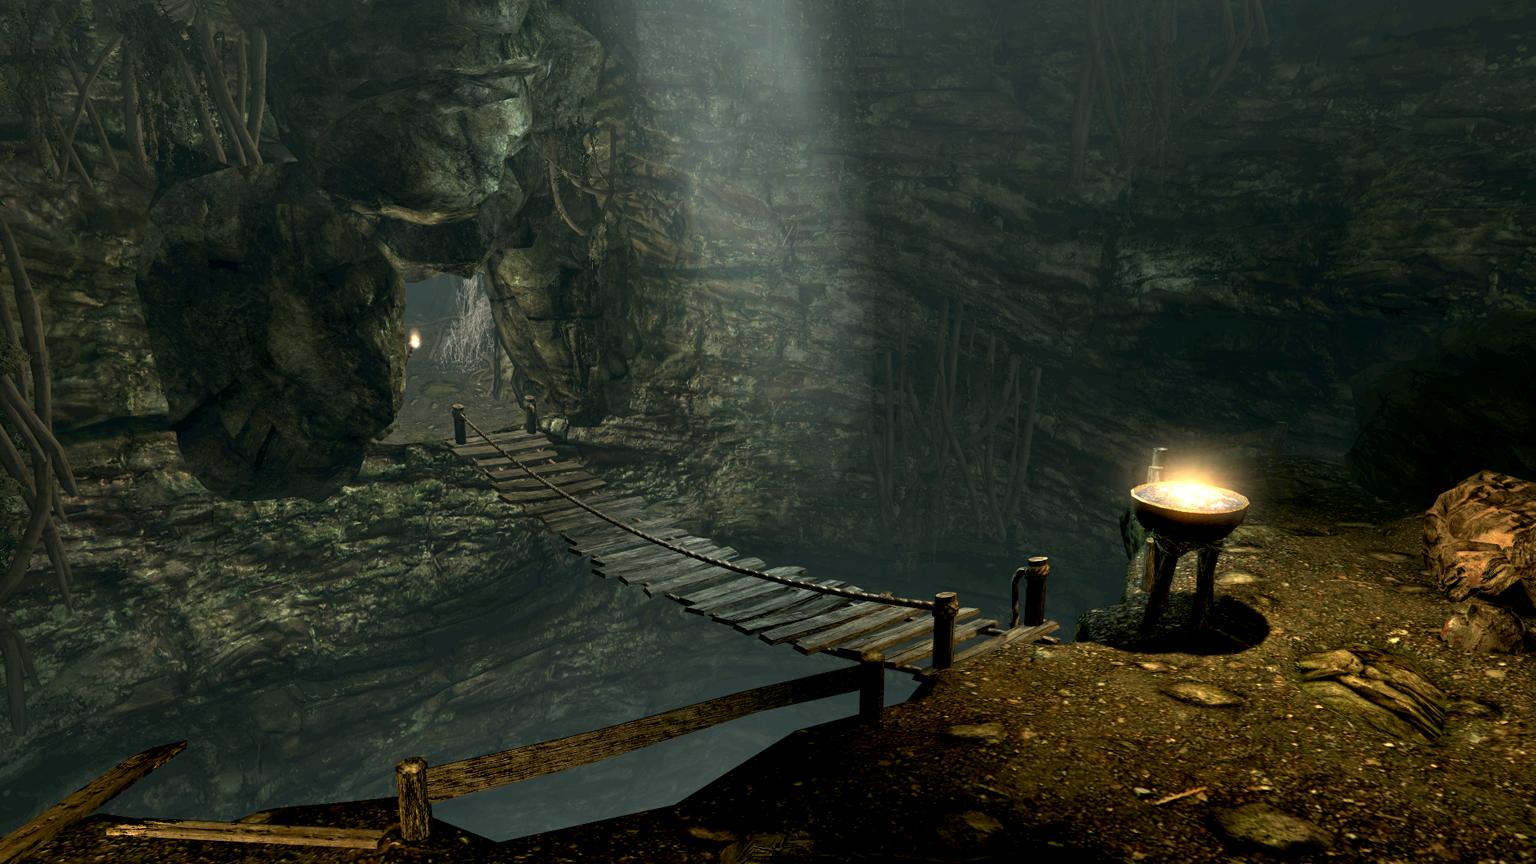 Darkfall Cave The Elder Scrolls Wiki